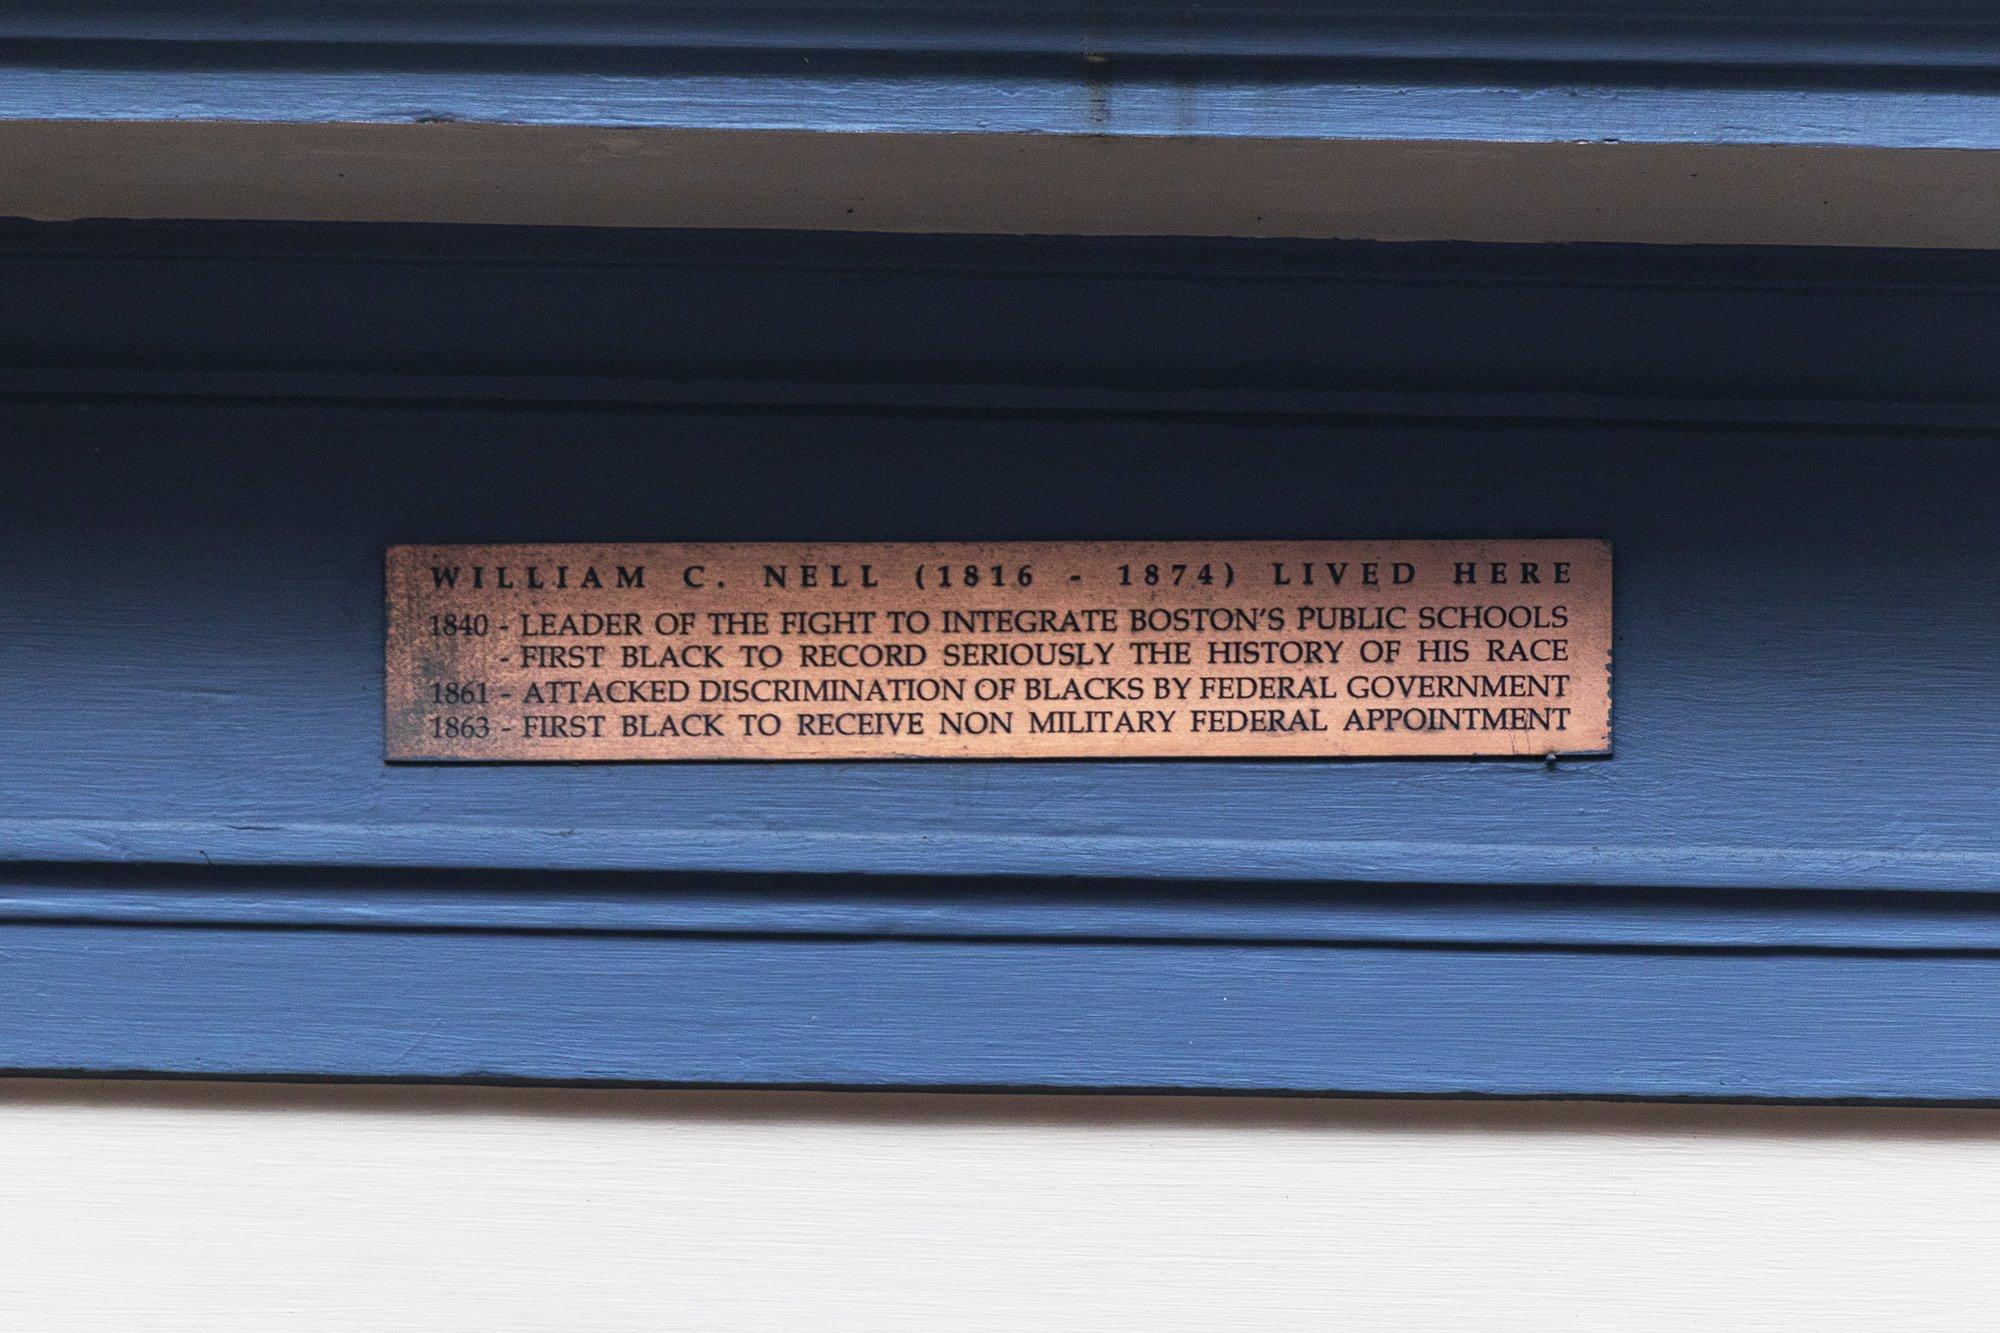 William C. Nell house plaque